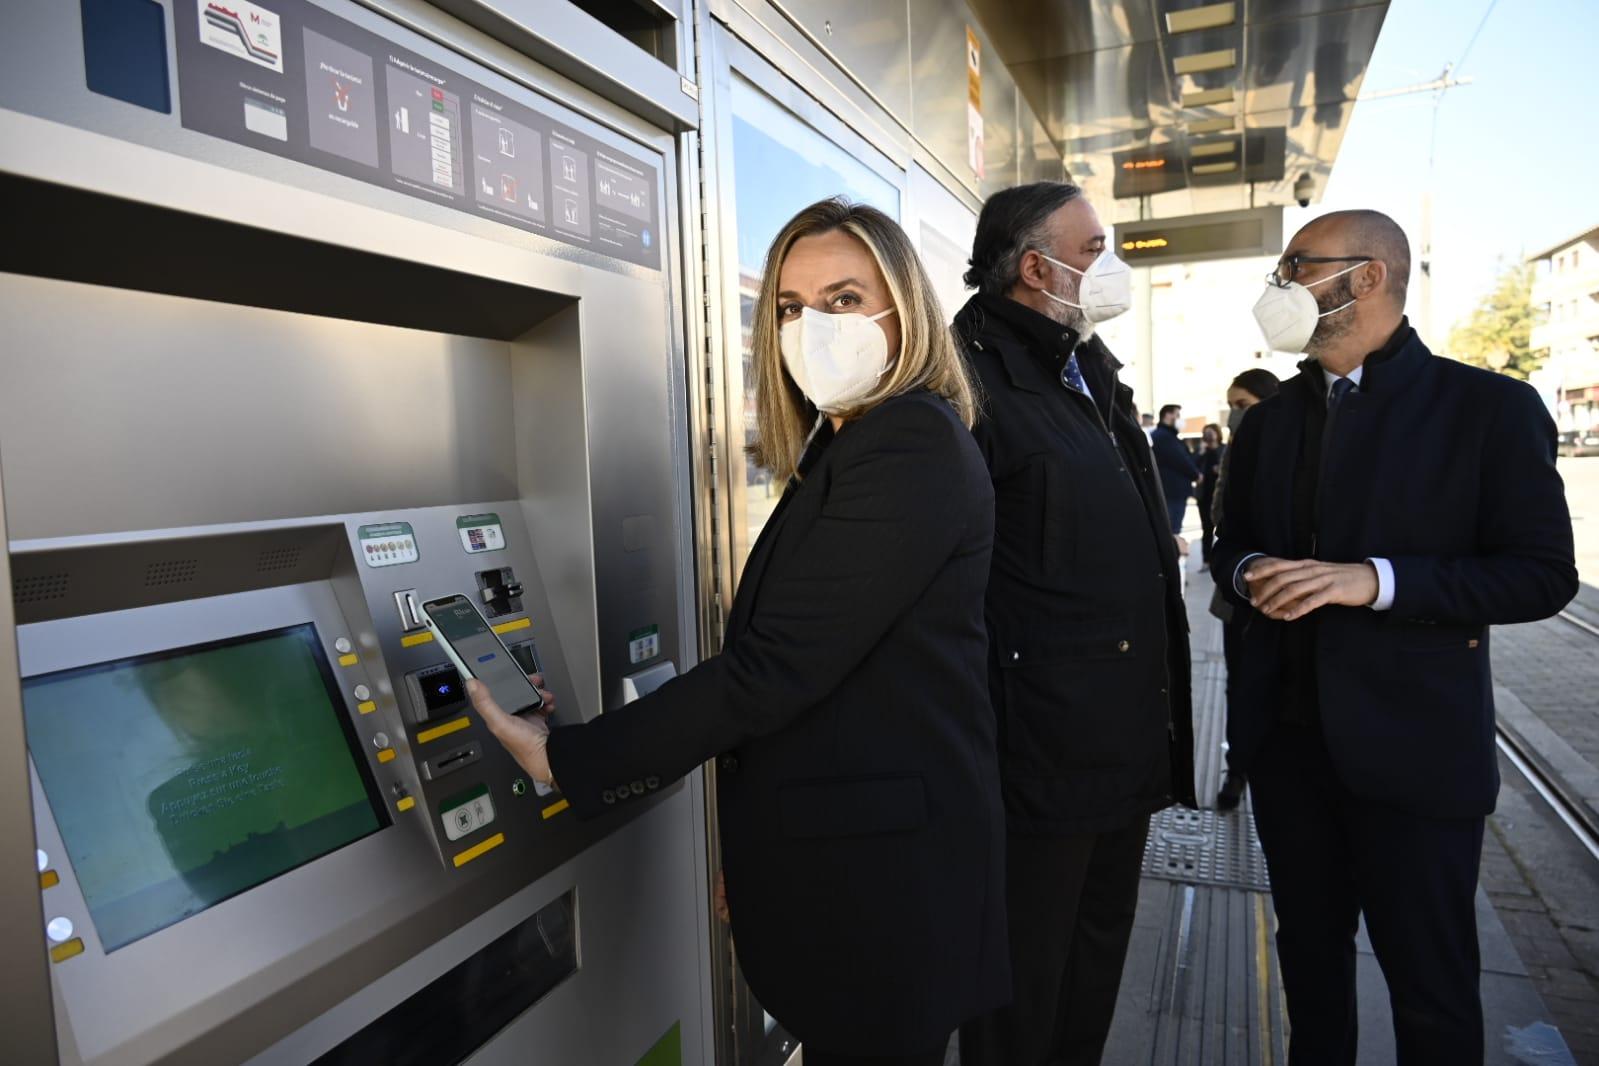 El Metro de Granada admite desde hoy el pago y recarga de billetes mediante tarjeta bancaria